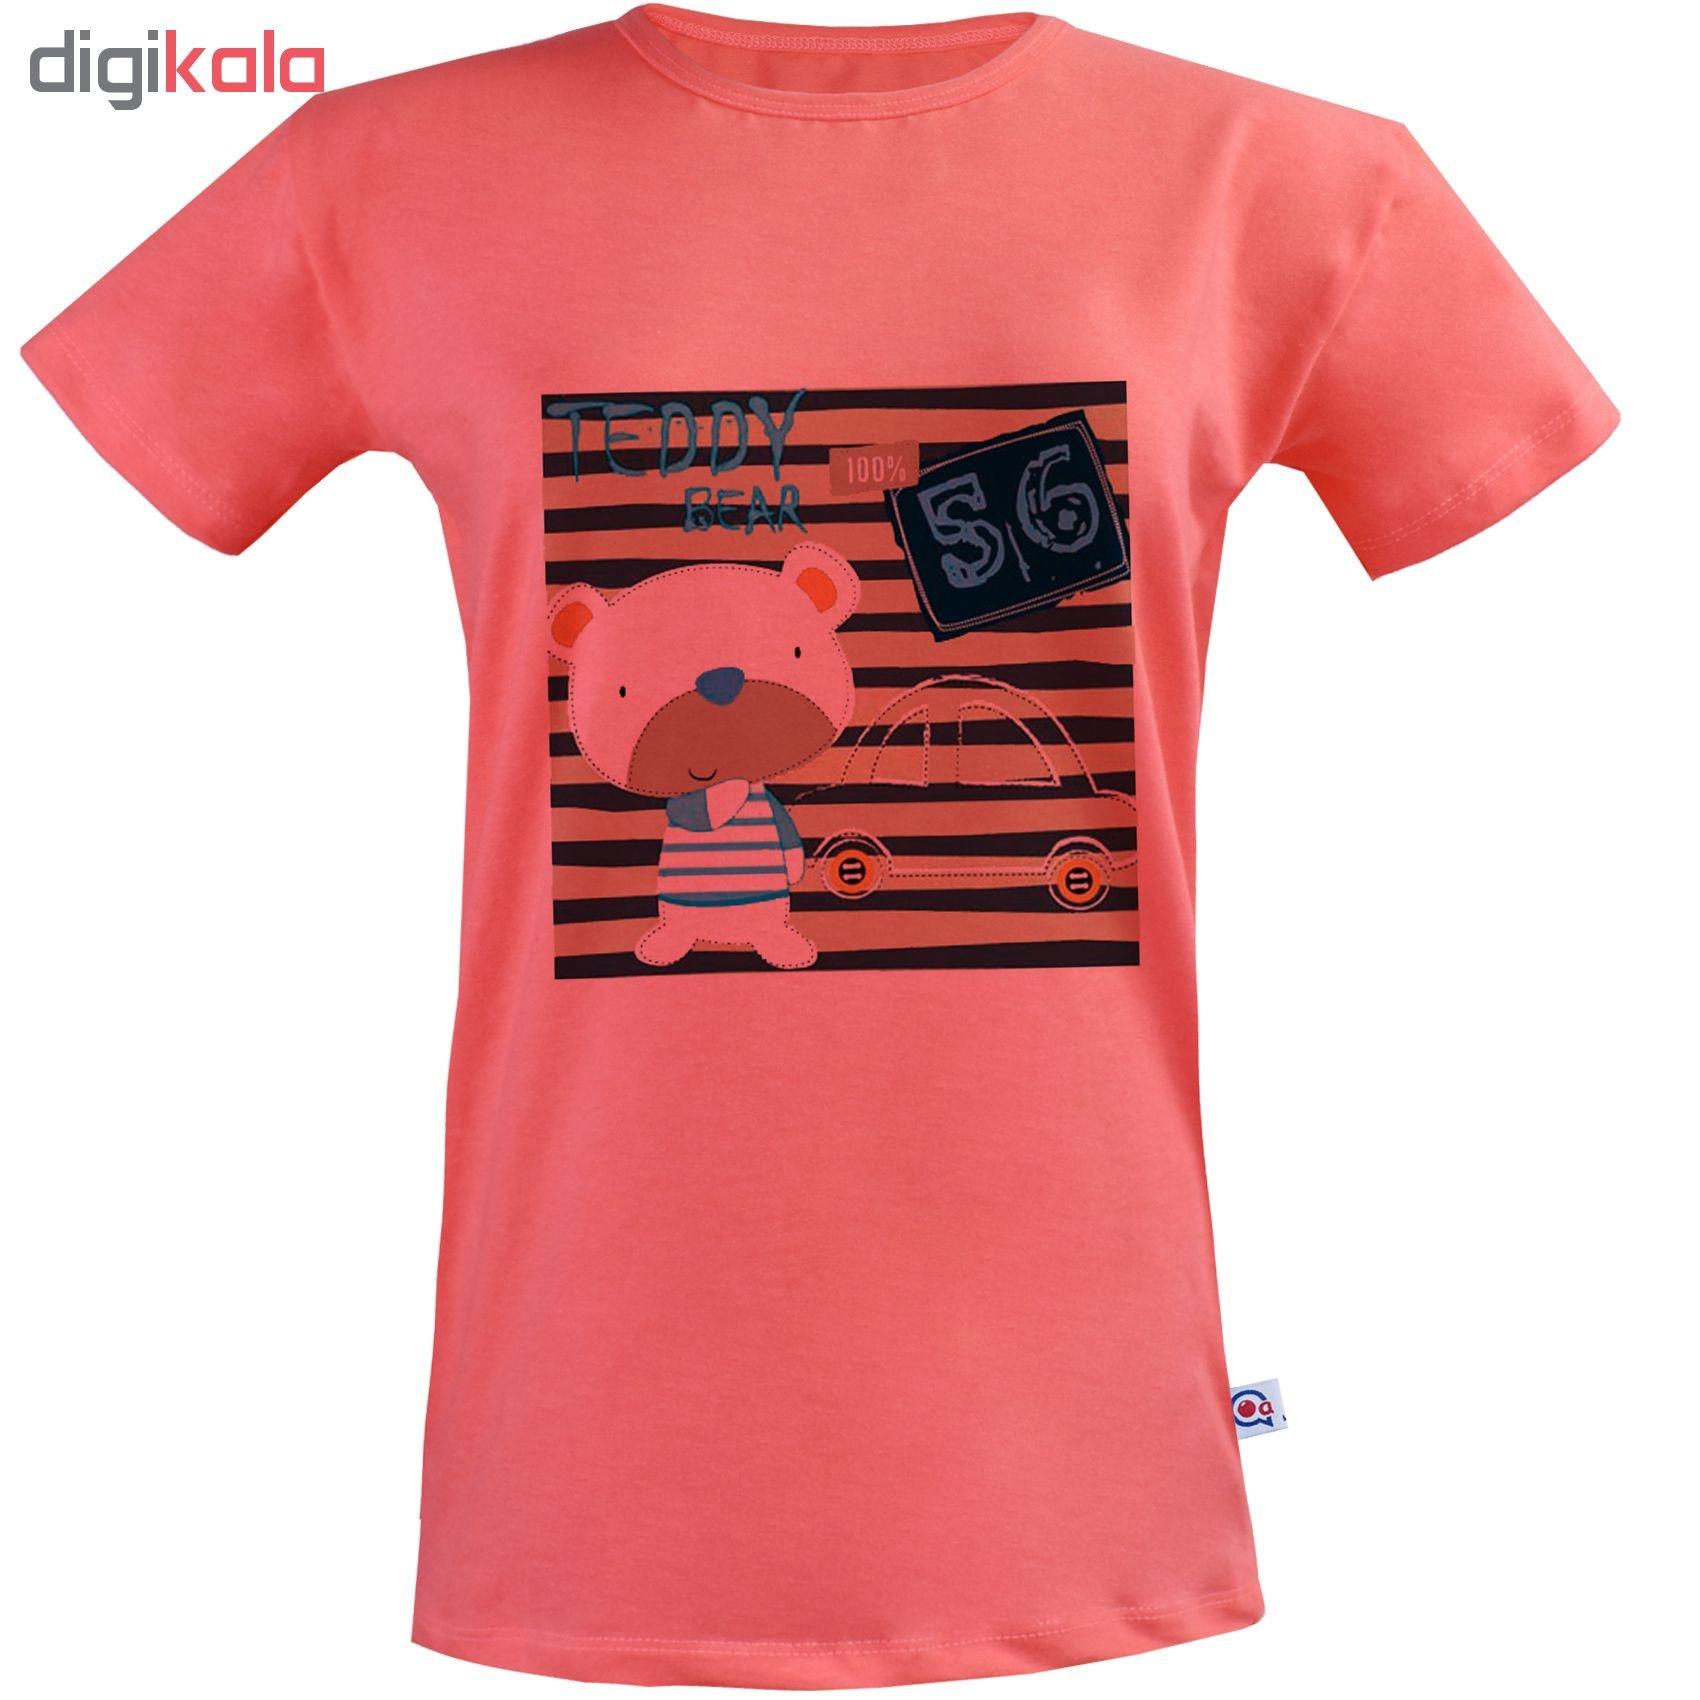 تی شرت نه آکو طرح خرسی کد SG121